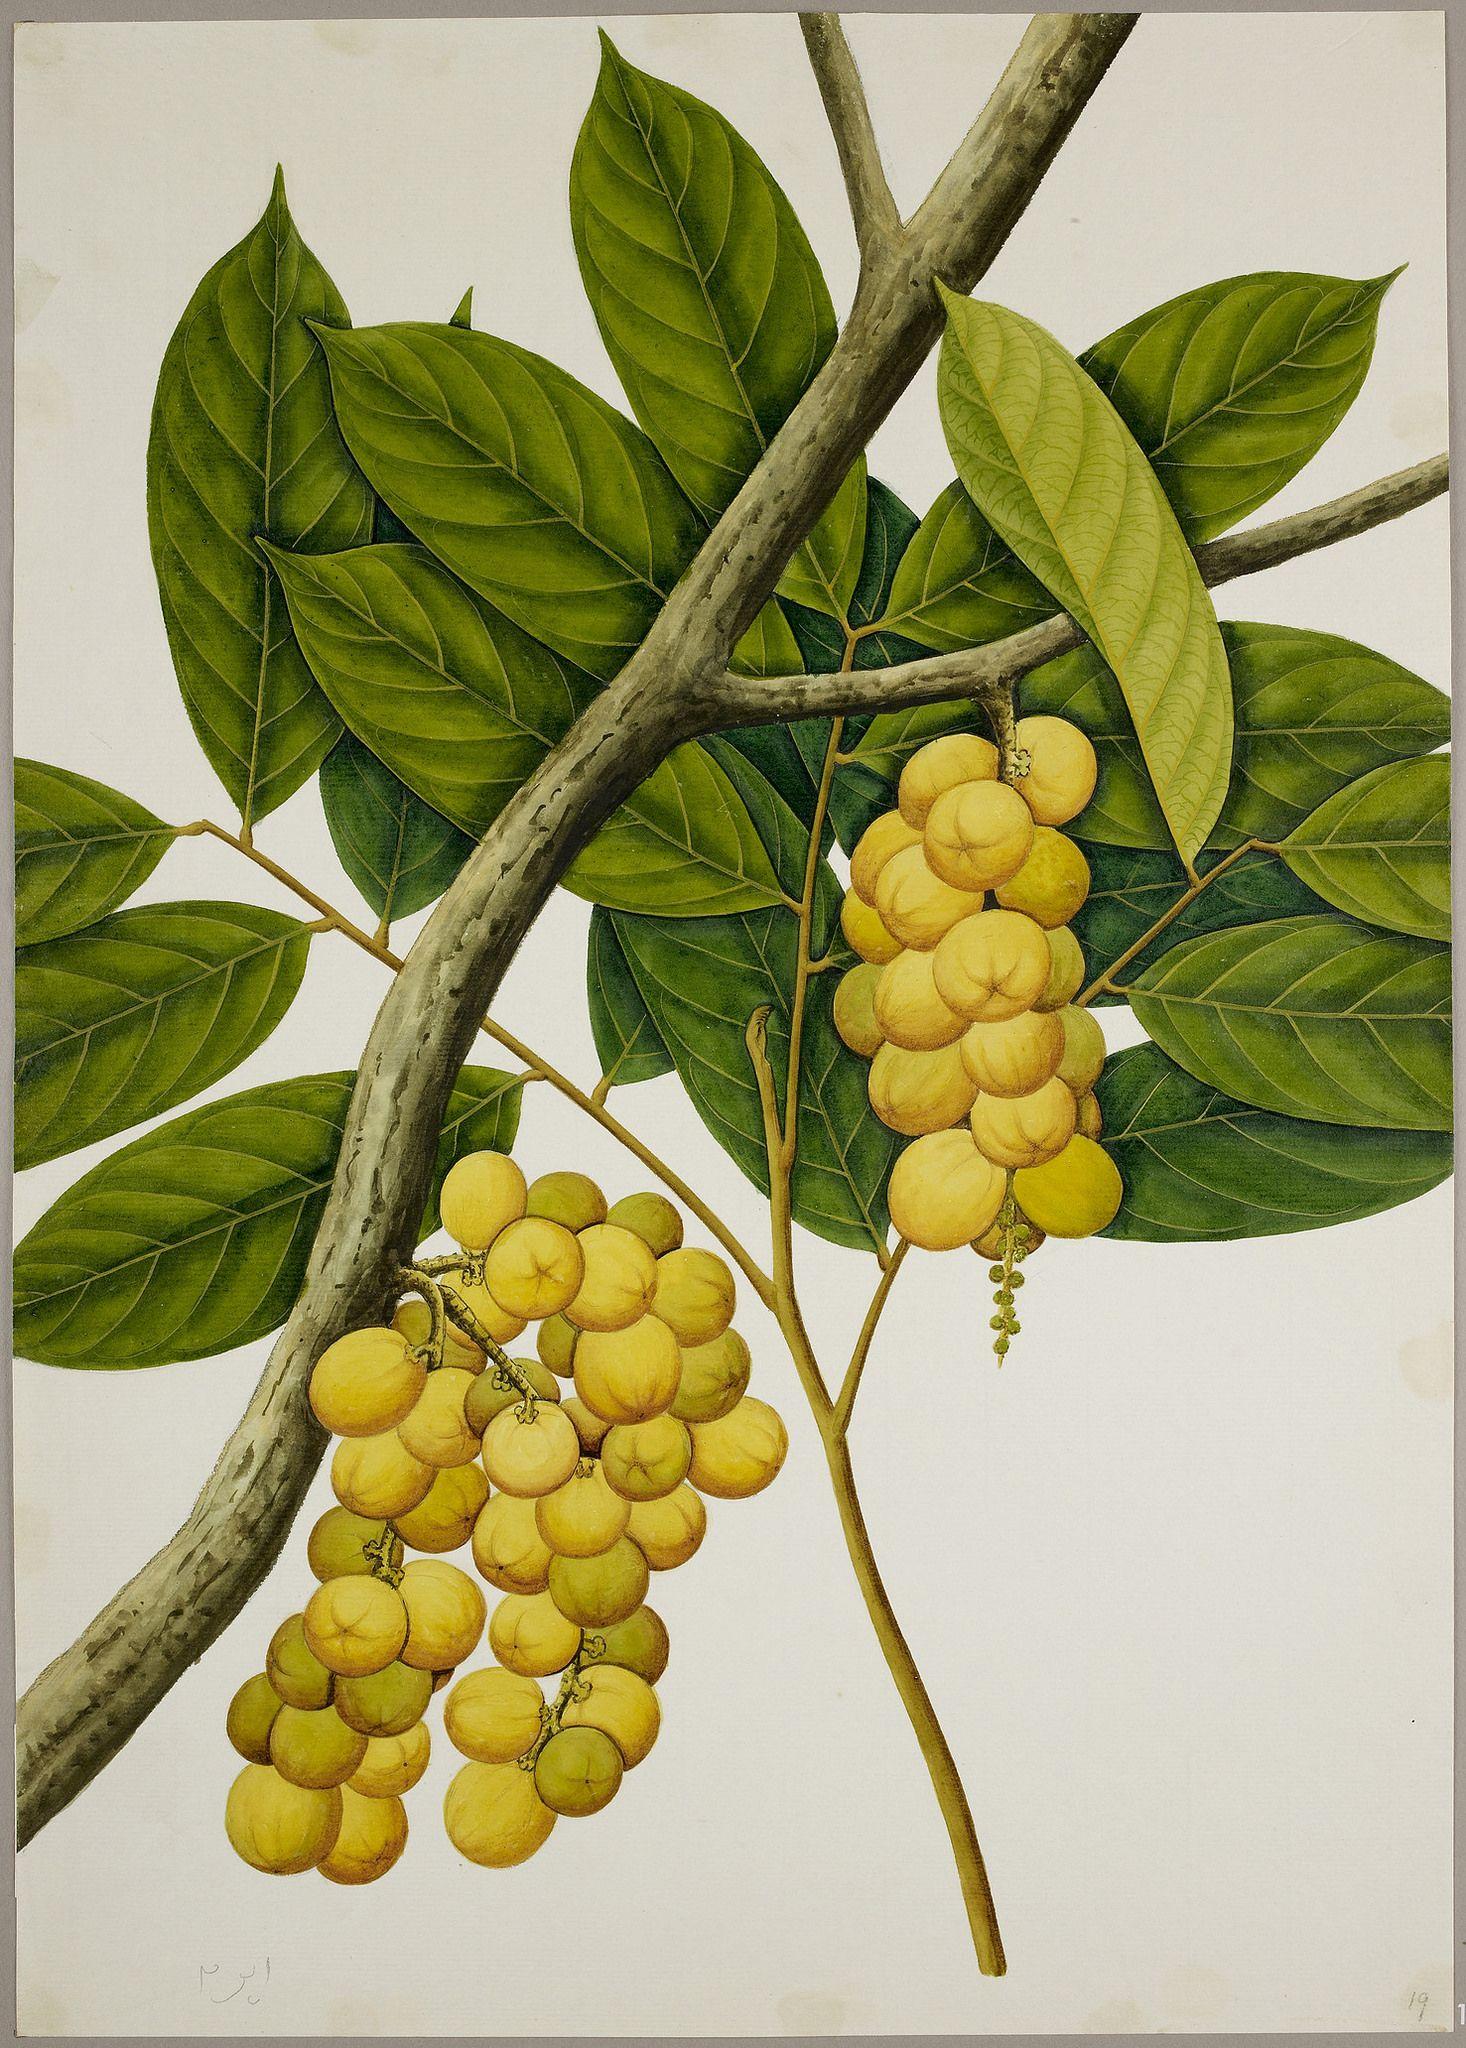 Lansium domesticum, 1824.